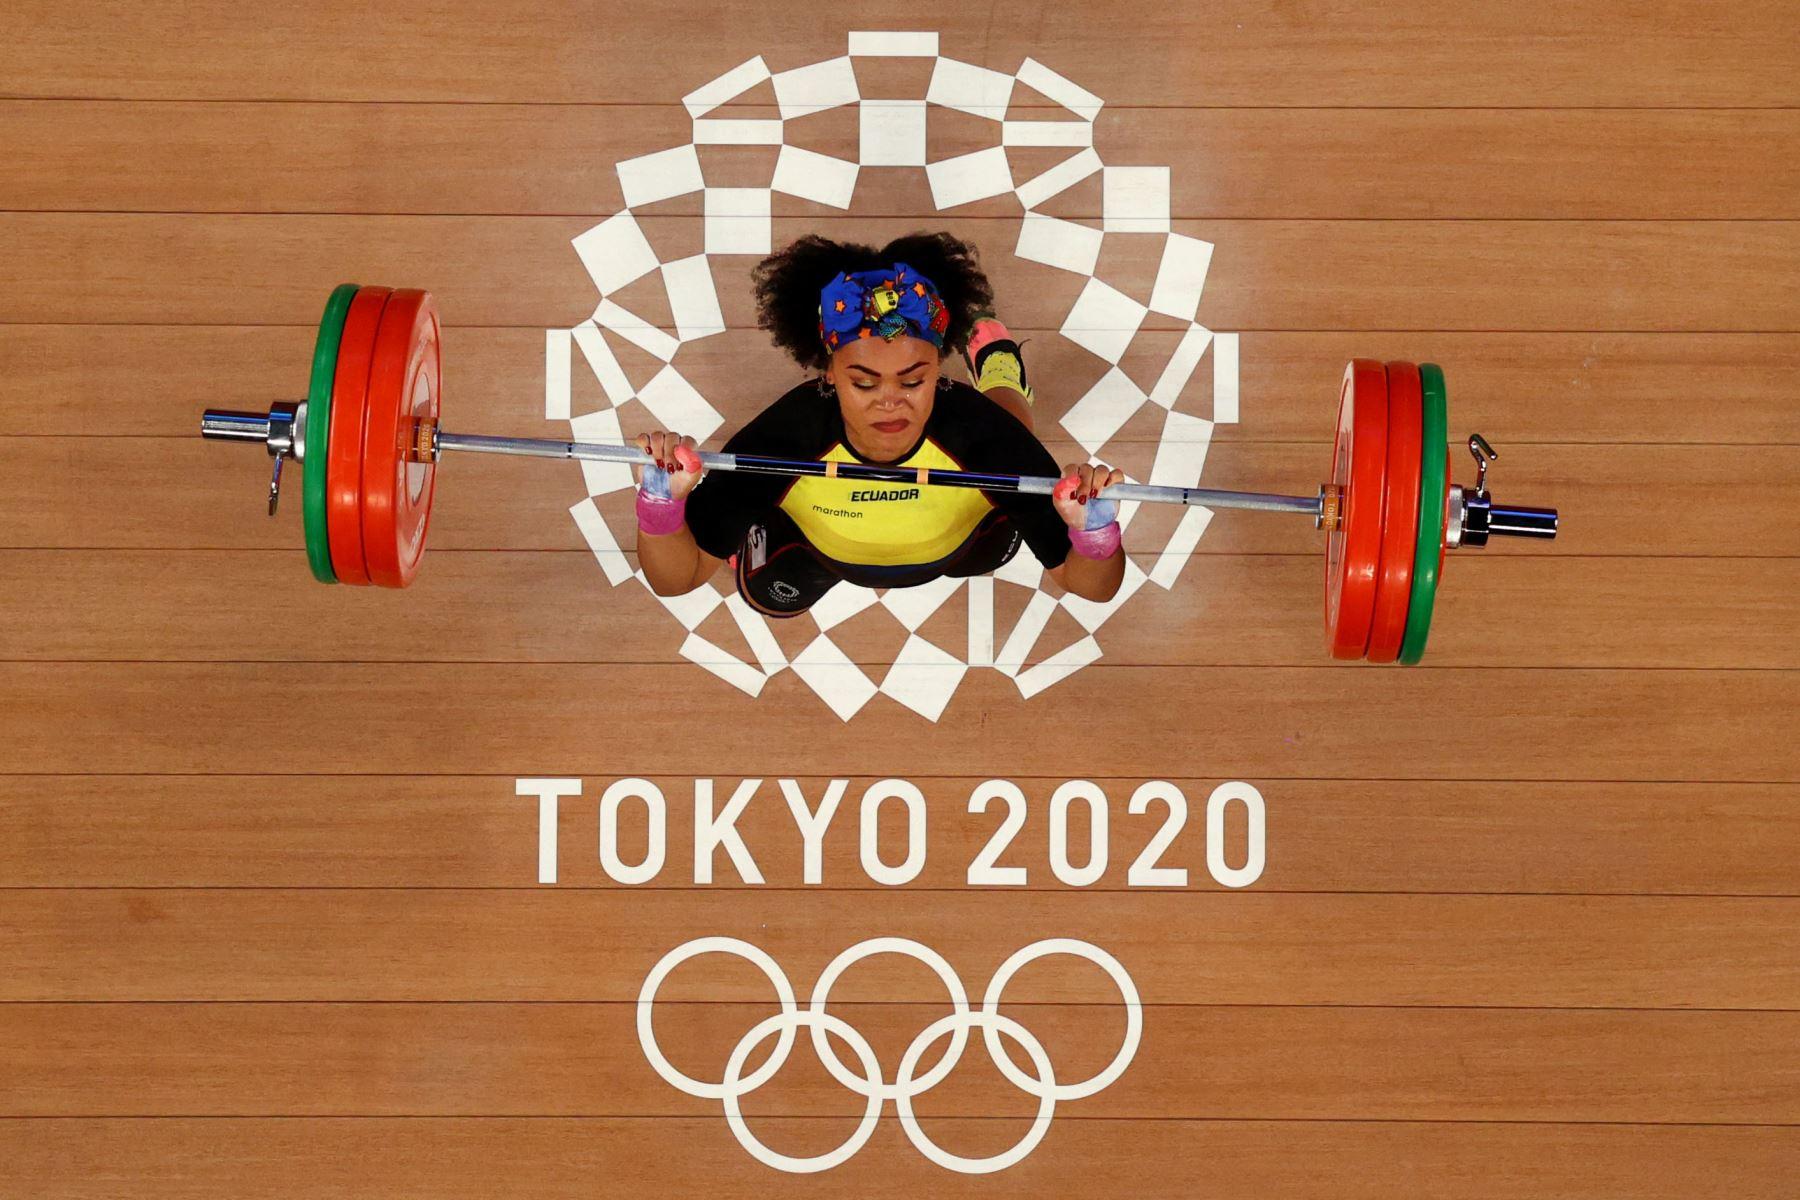 Esta foto tomada con una cámara remota muestra a la ecuatoriana Neisi Patricia Dajomes Barrera compitiendo en la competencia de halterofilia femenina de 76 kg durante los Juegos Olímpicos de Tokio 2020. Foto AFP